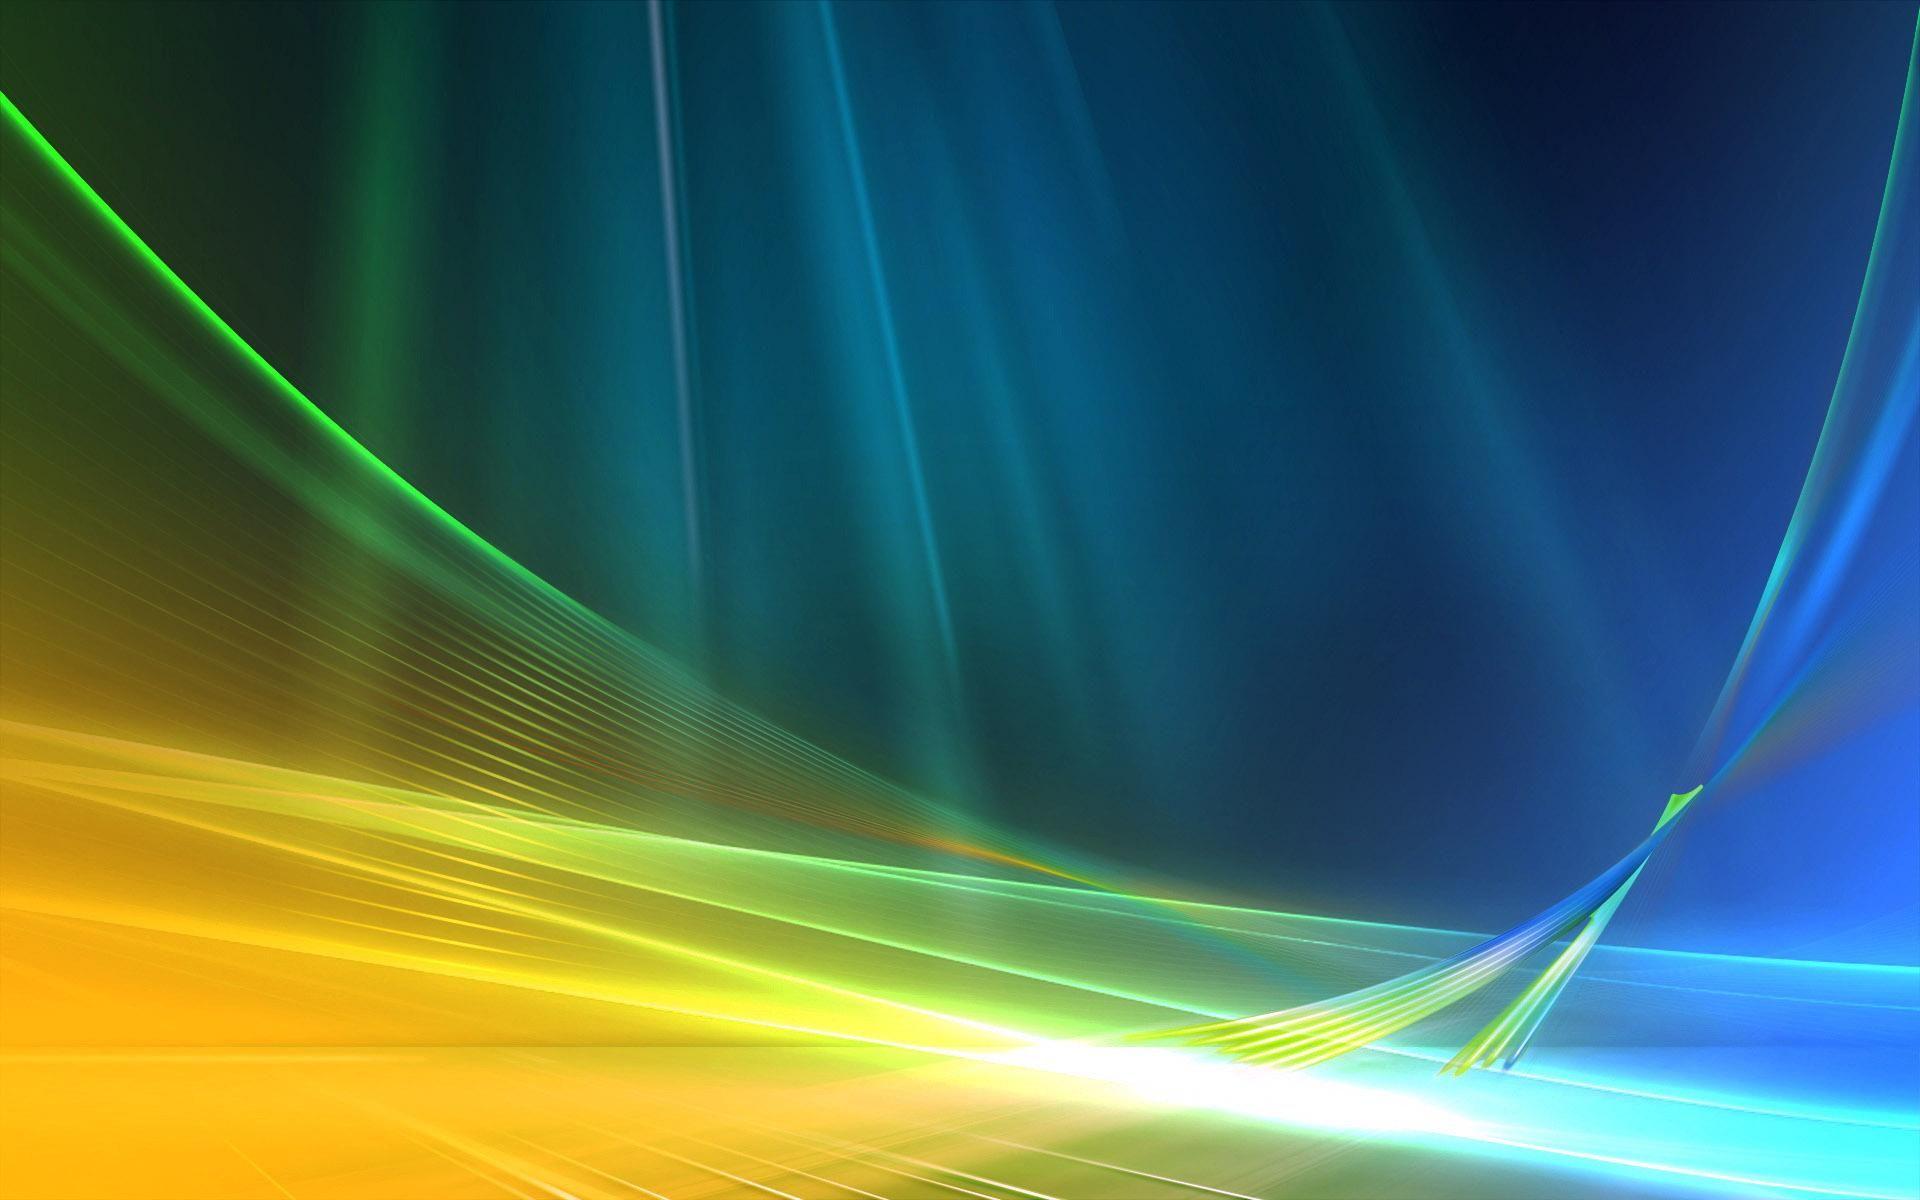 Fondos abstractos azules vector para fondo celular en hd for Wallpapers abstractos